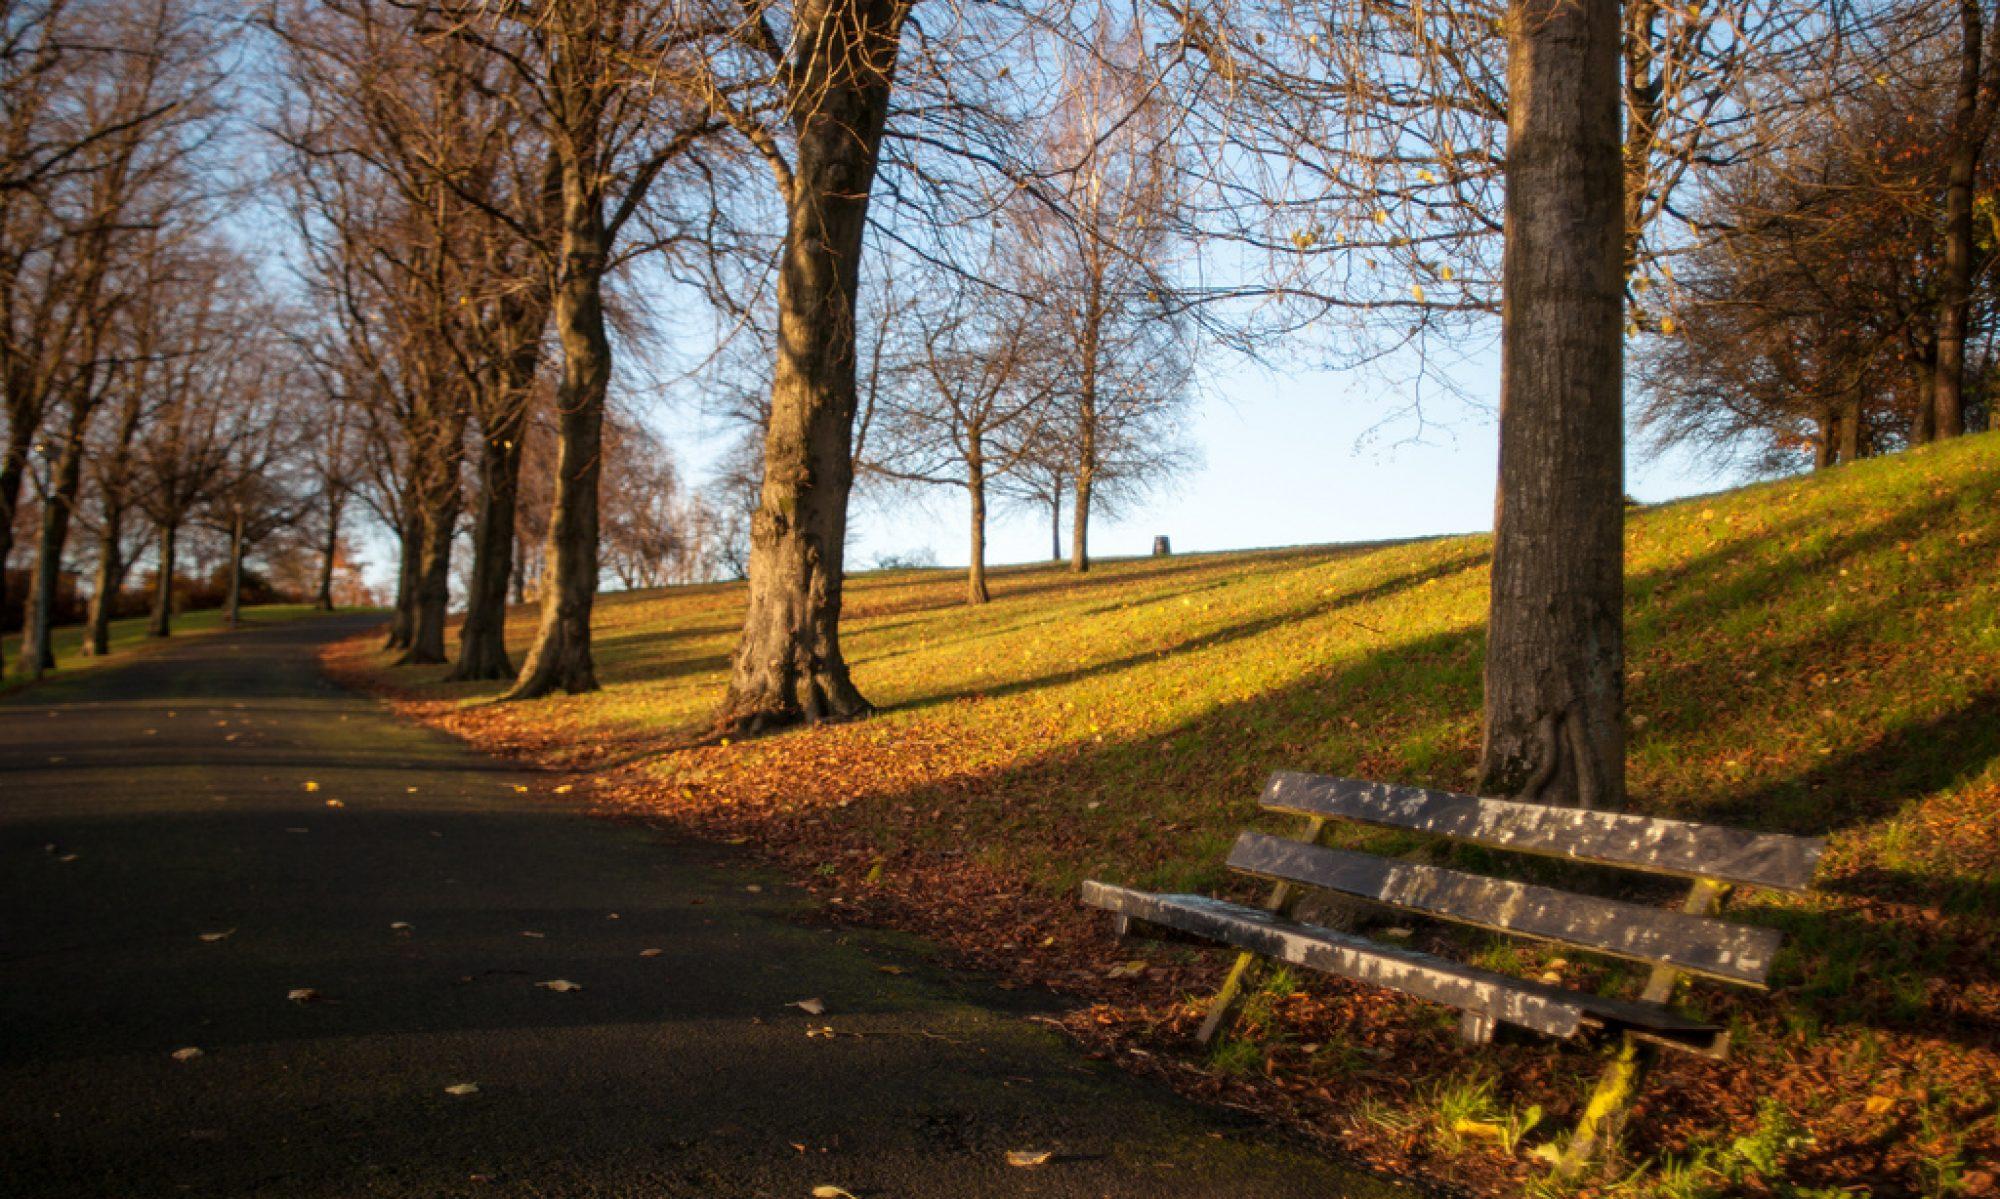 Maryhill Park